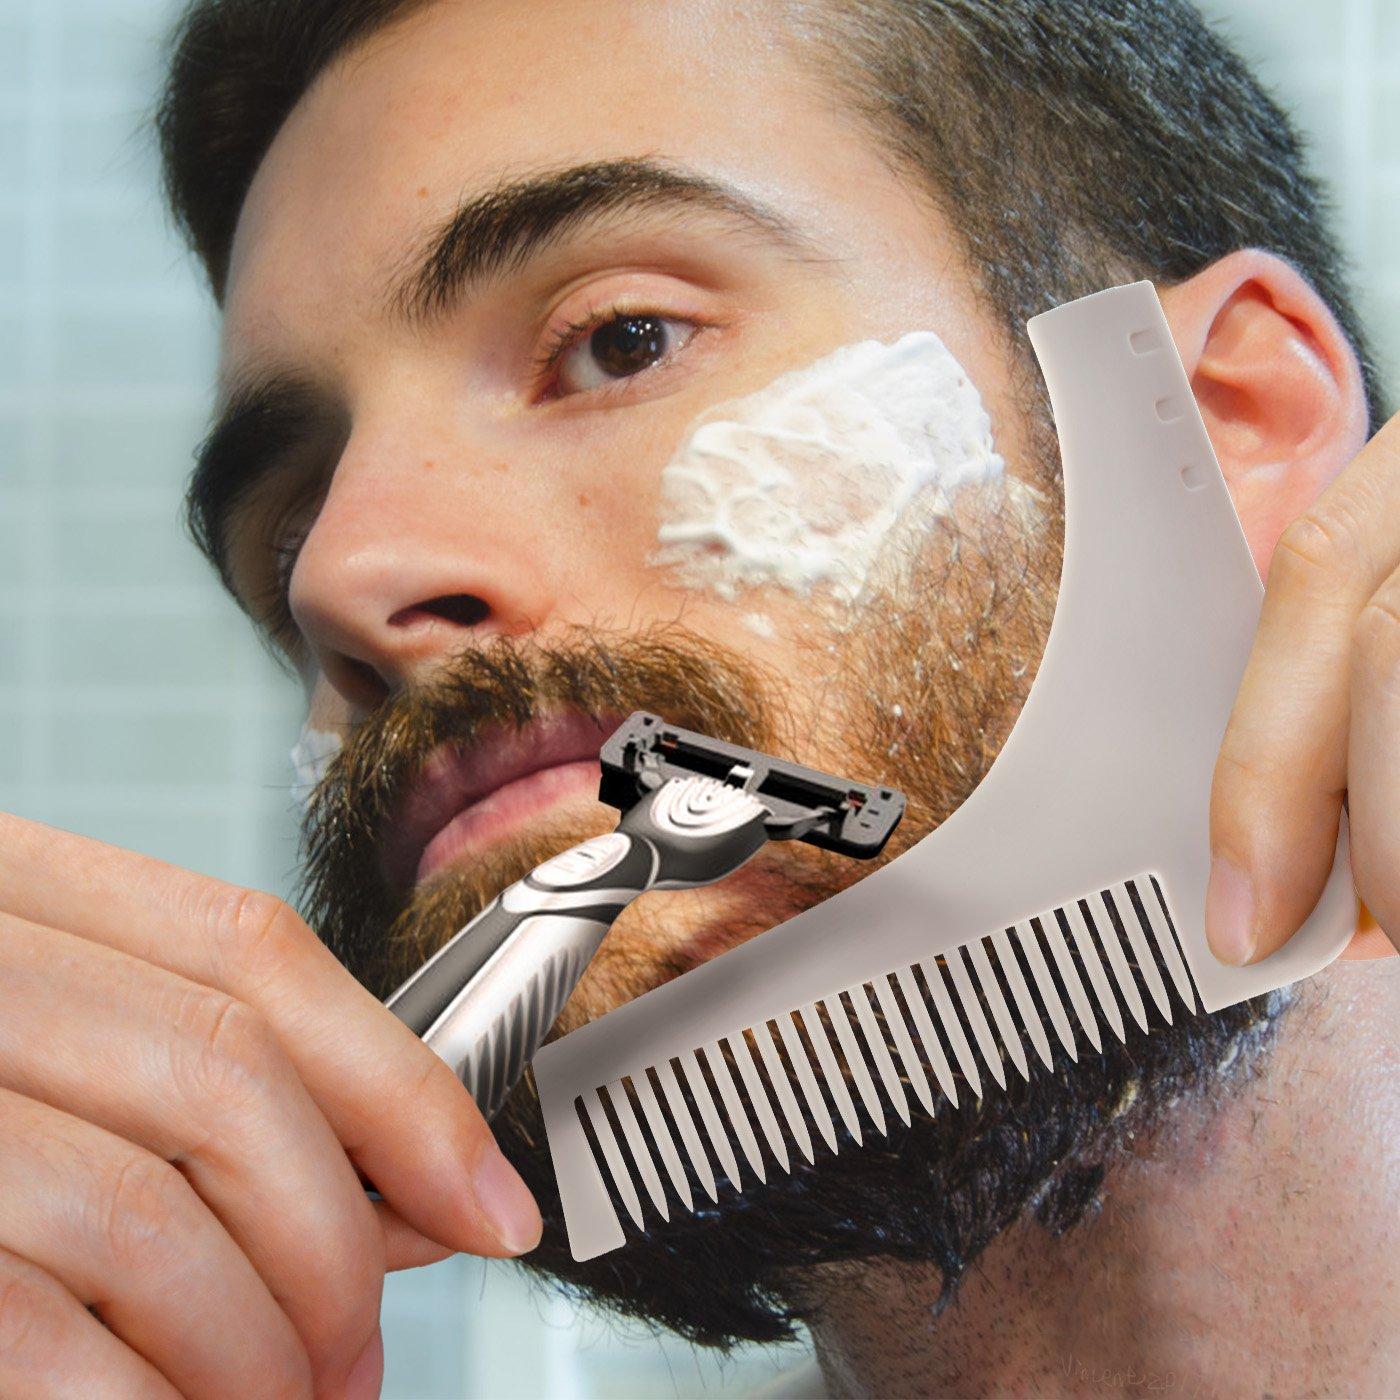 Peigne pochoir à barbe homme,Magichome Beard Shaping Tool modèle de barbe Accessoire de guide de rasage pour contour barbe